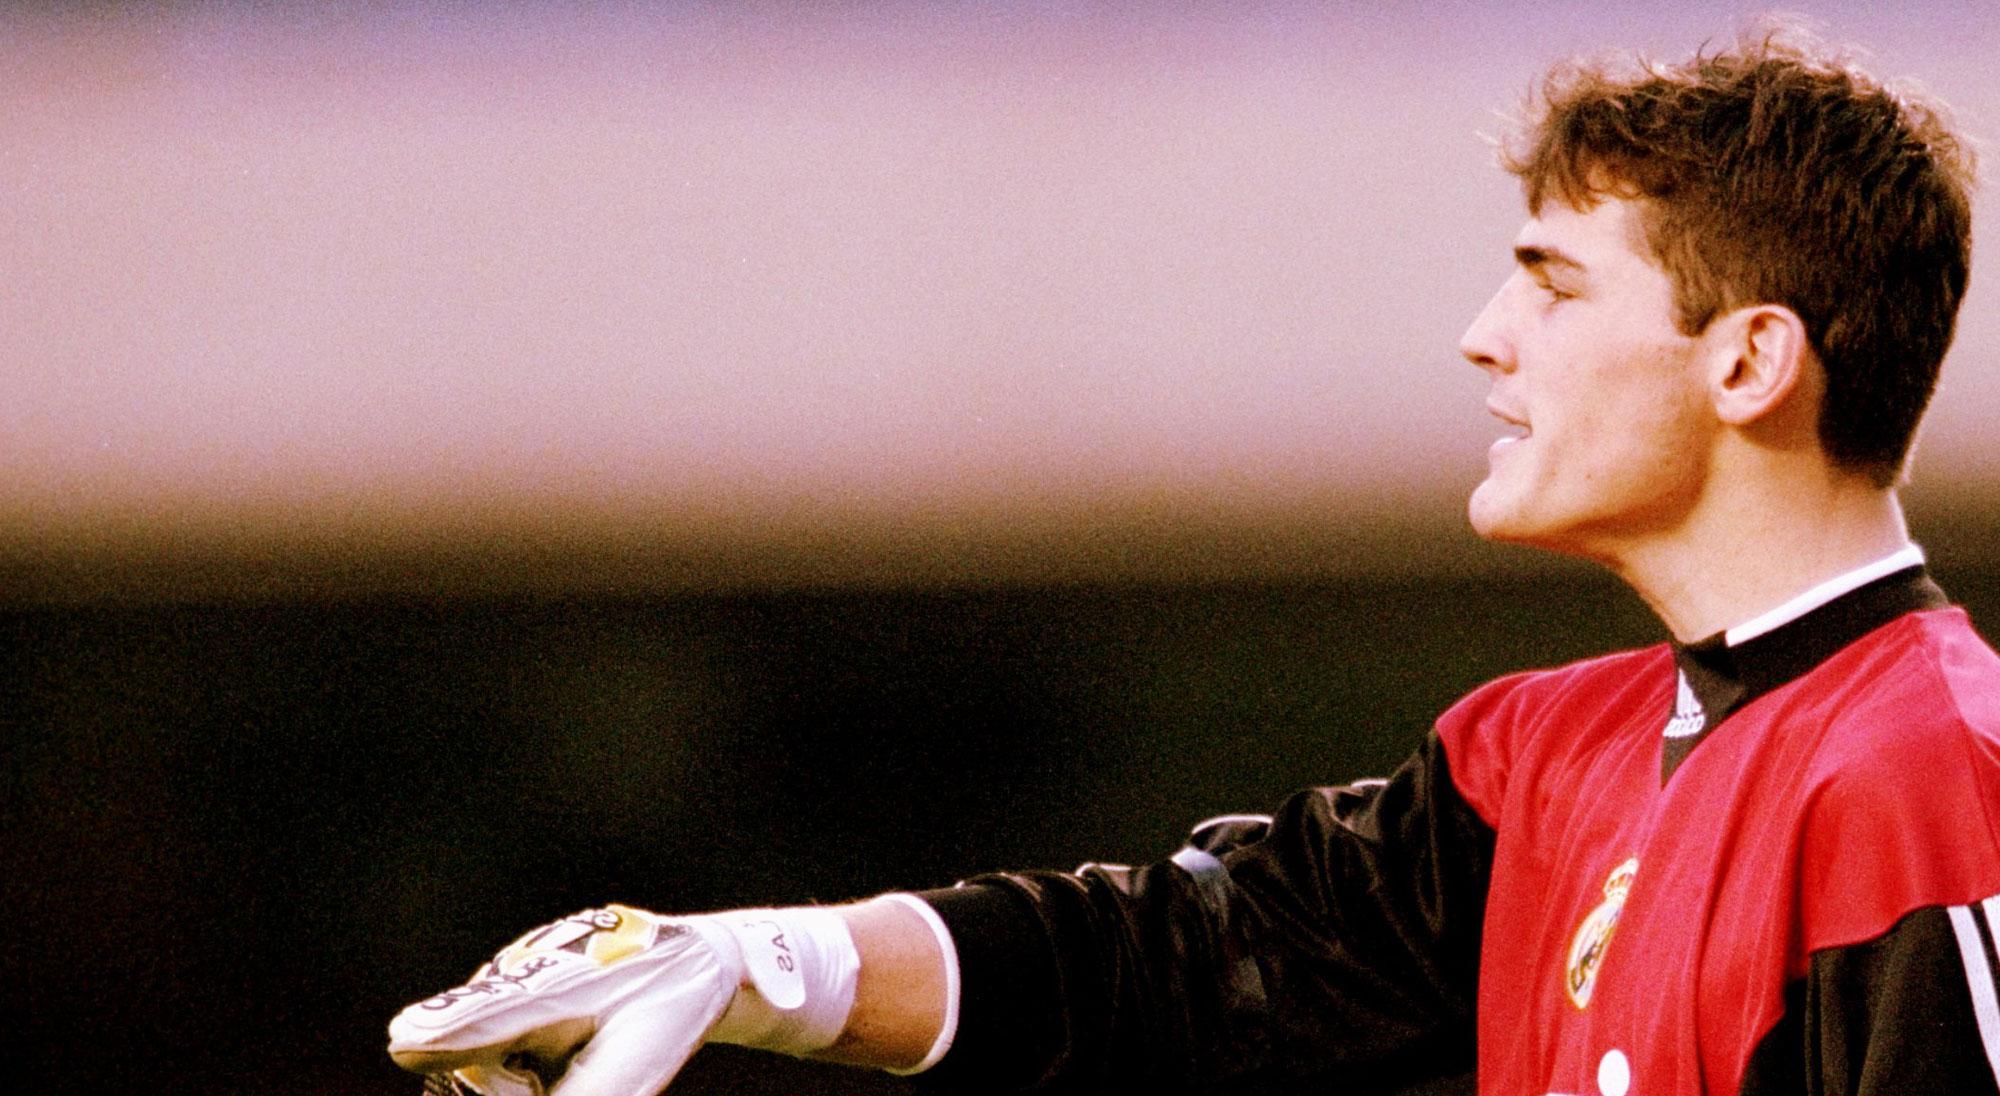 Iker Casillas en el Mundial de Clubes 2000 con el Real Madrid